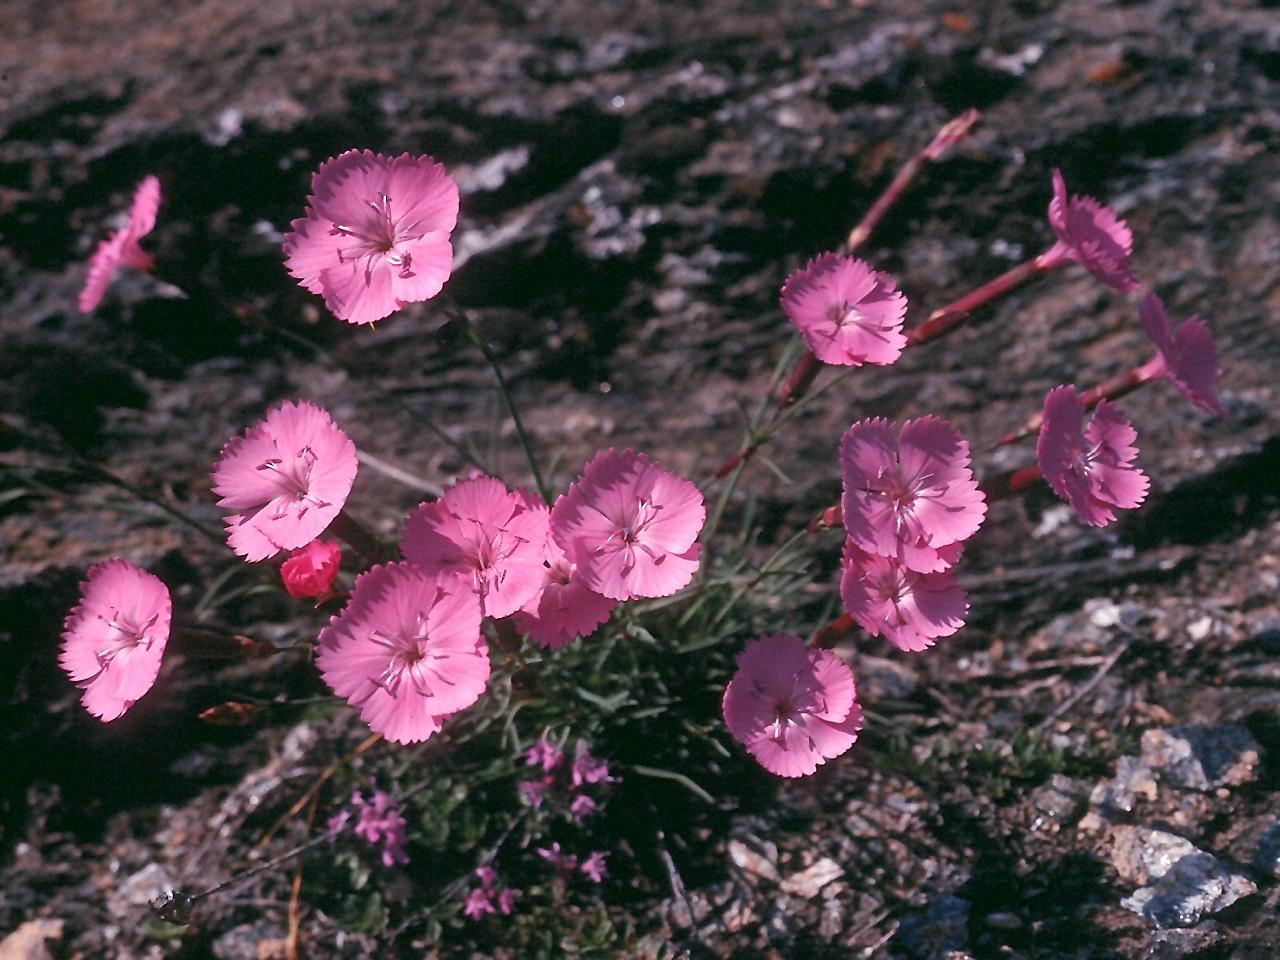 Dianthus sylvestris